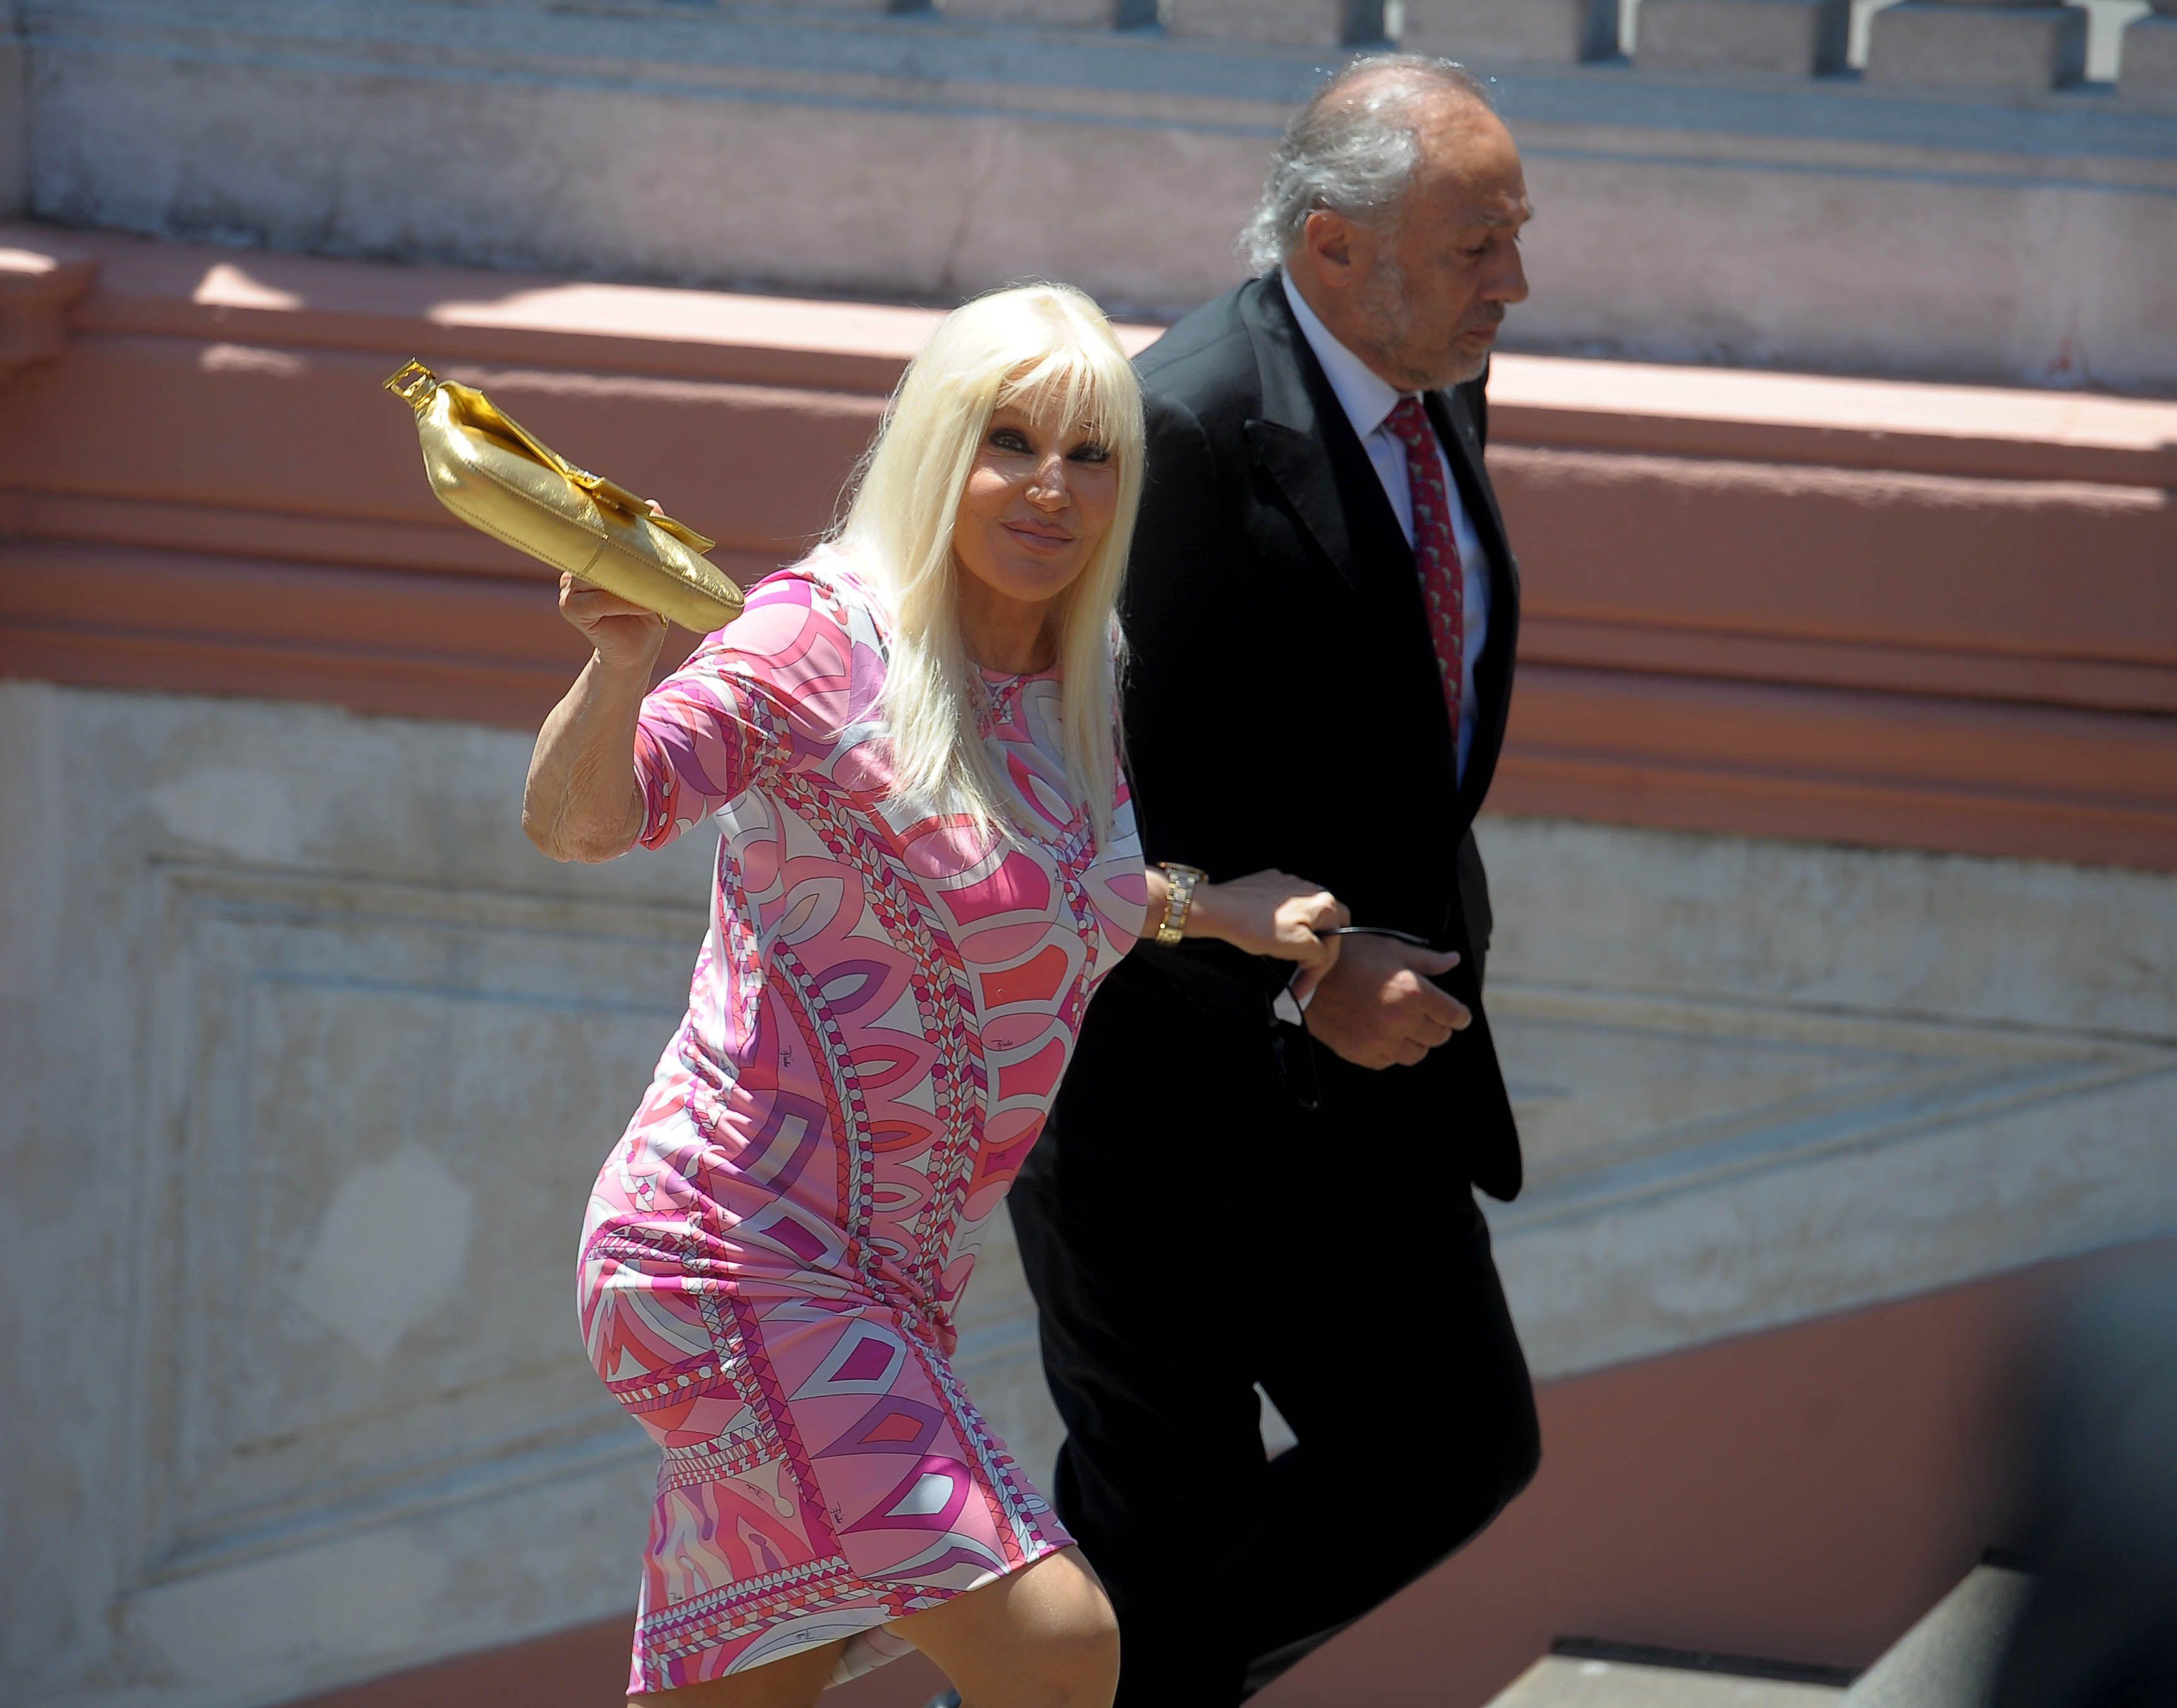 Los famosos presentes en la jura de Mauricio Macri en la Casa Rosada: Susana Giménez, en las primeras filas